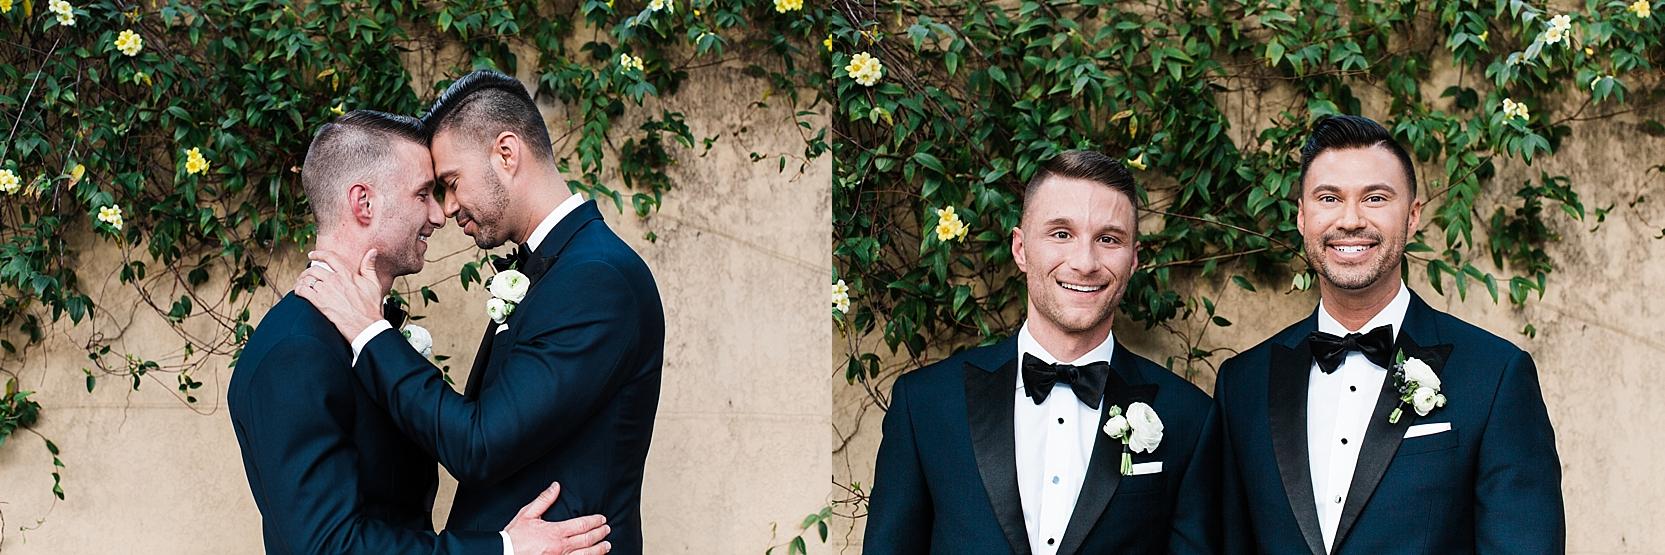 Spring Wedding At Hotel Zaza Dallas, Texas_L.A.R. Weddings_Lindsey Ramdin